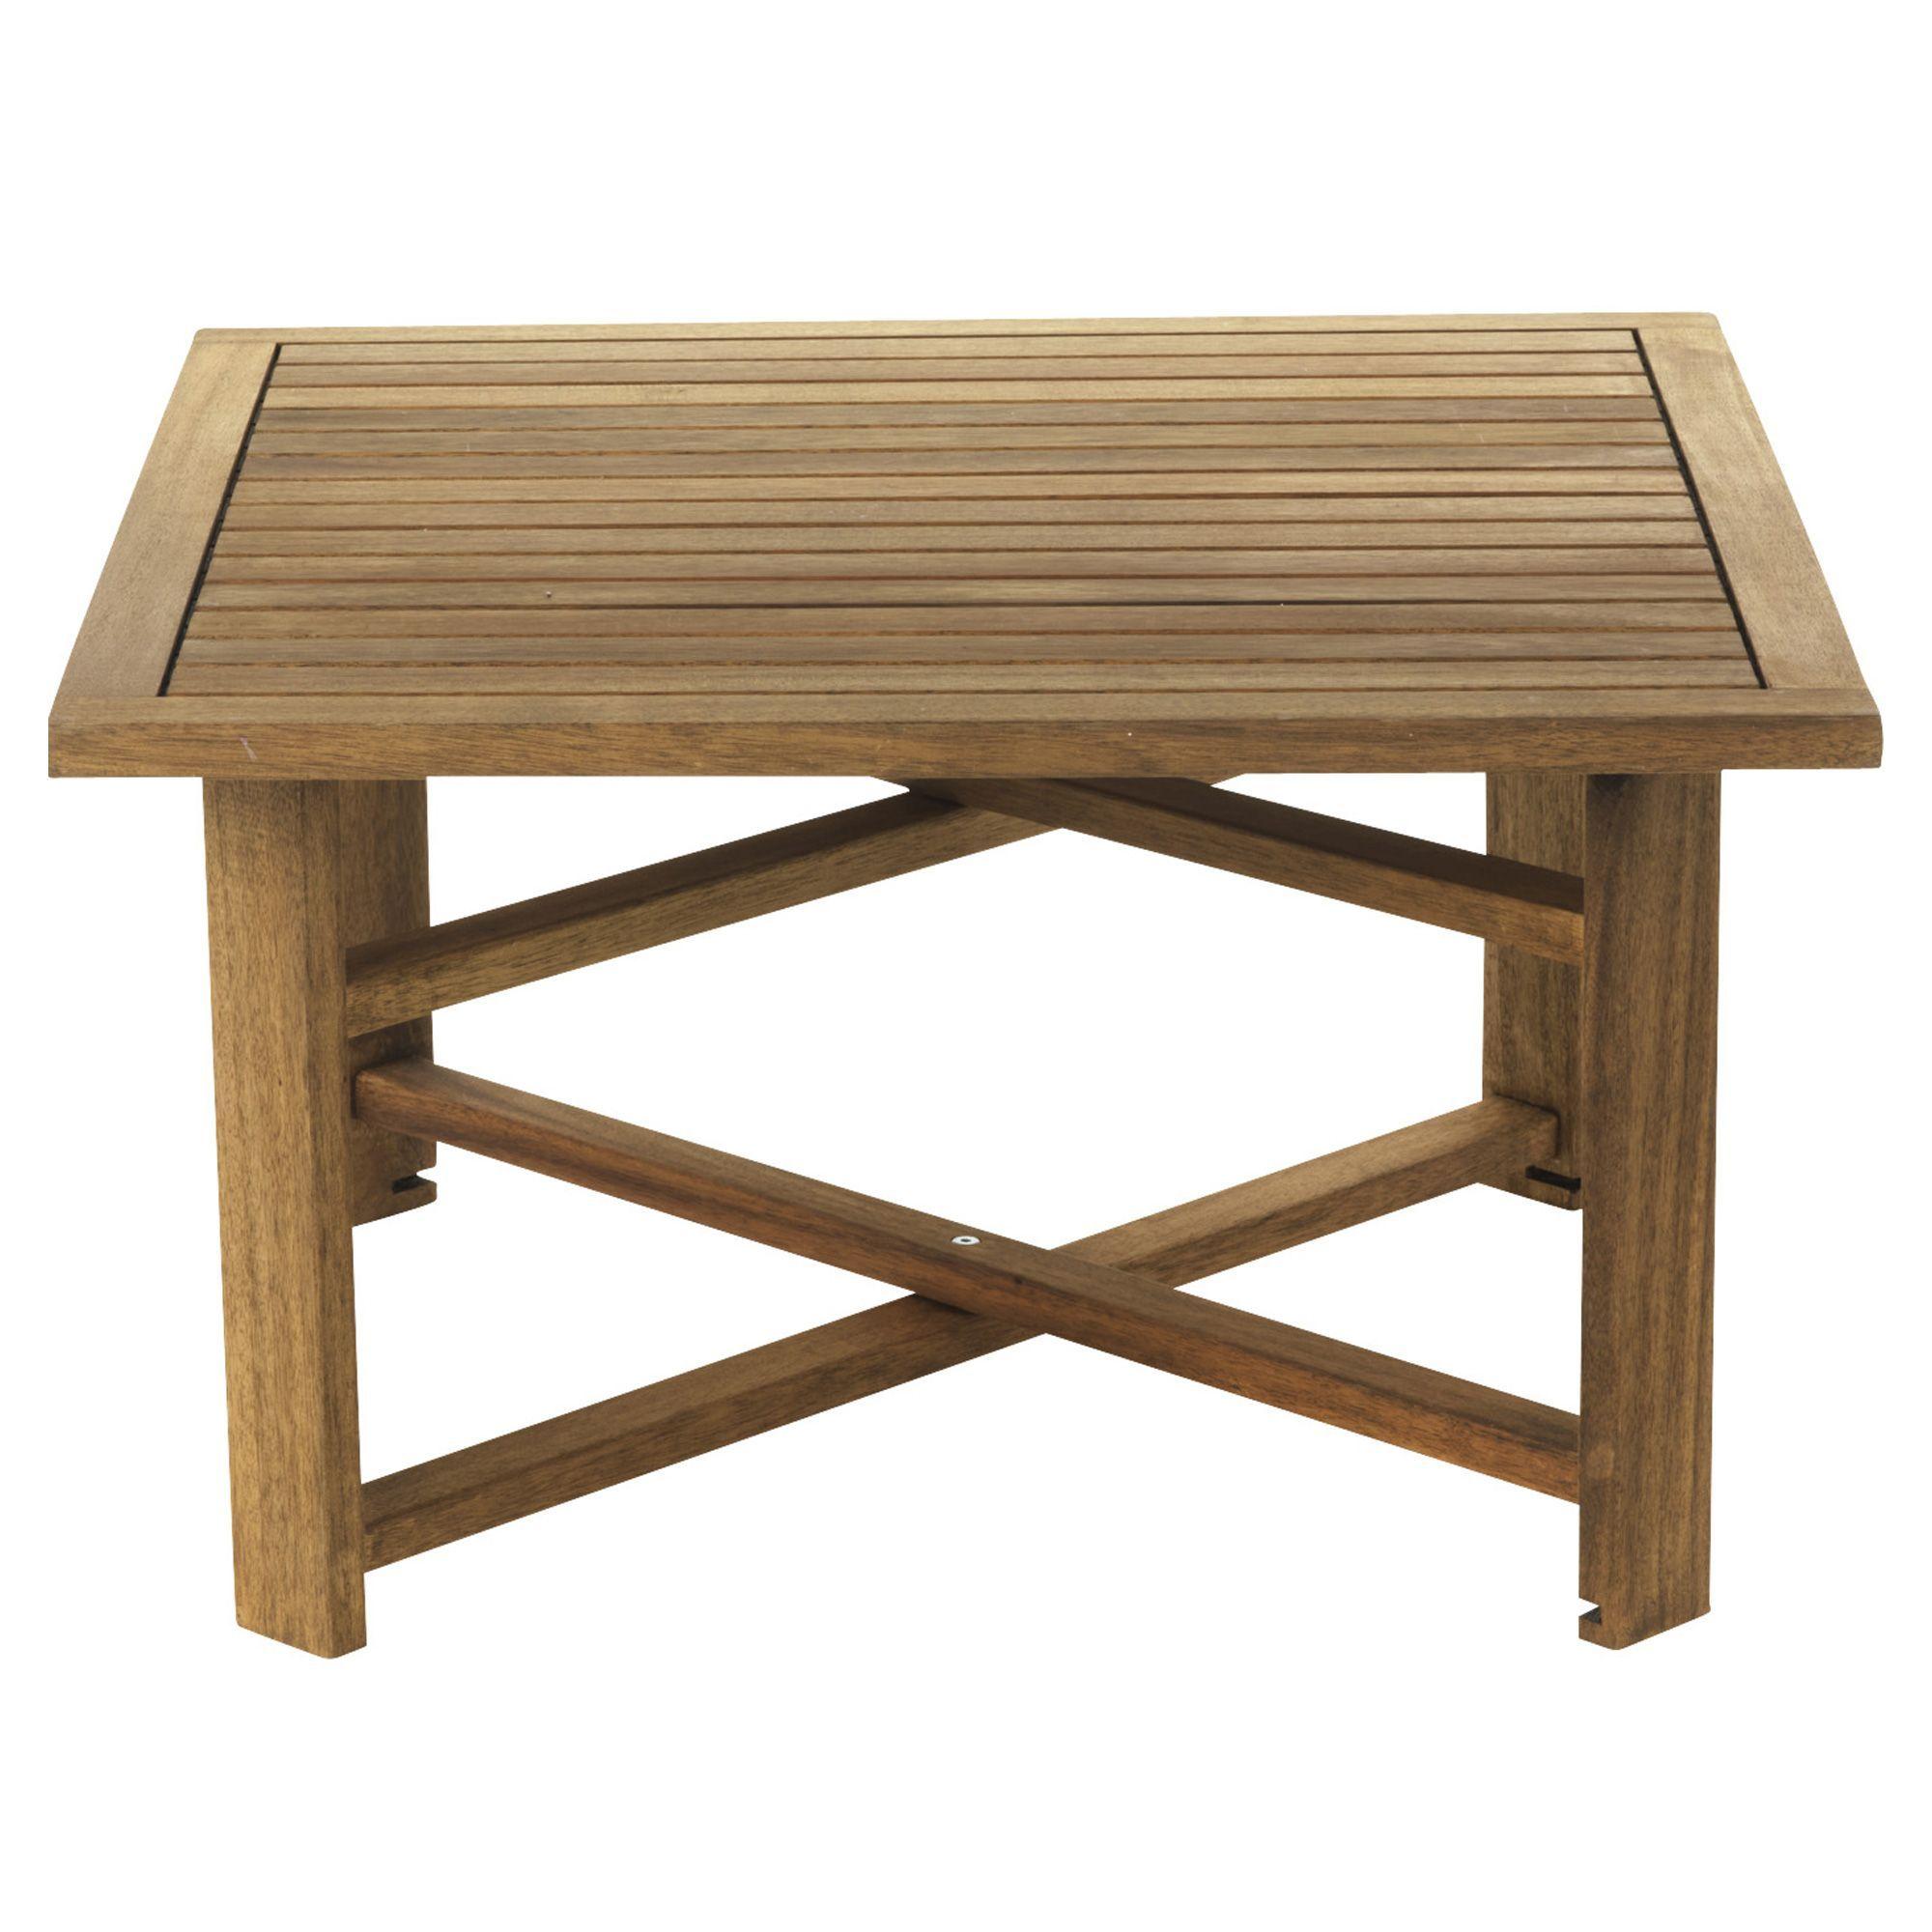 Table Basse Pliante De Jardin Naturel Guerande Les Tables Basses Pour Jardin Les Canapes Et Faut Table Basse Pliante Mobilier De Salon Table Basse Jardin